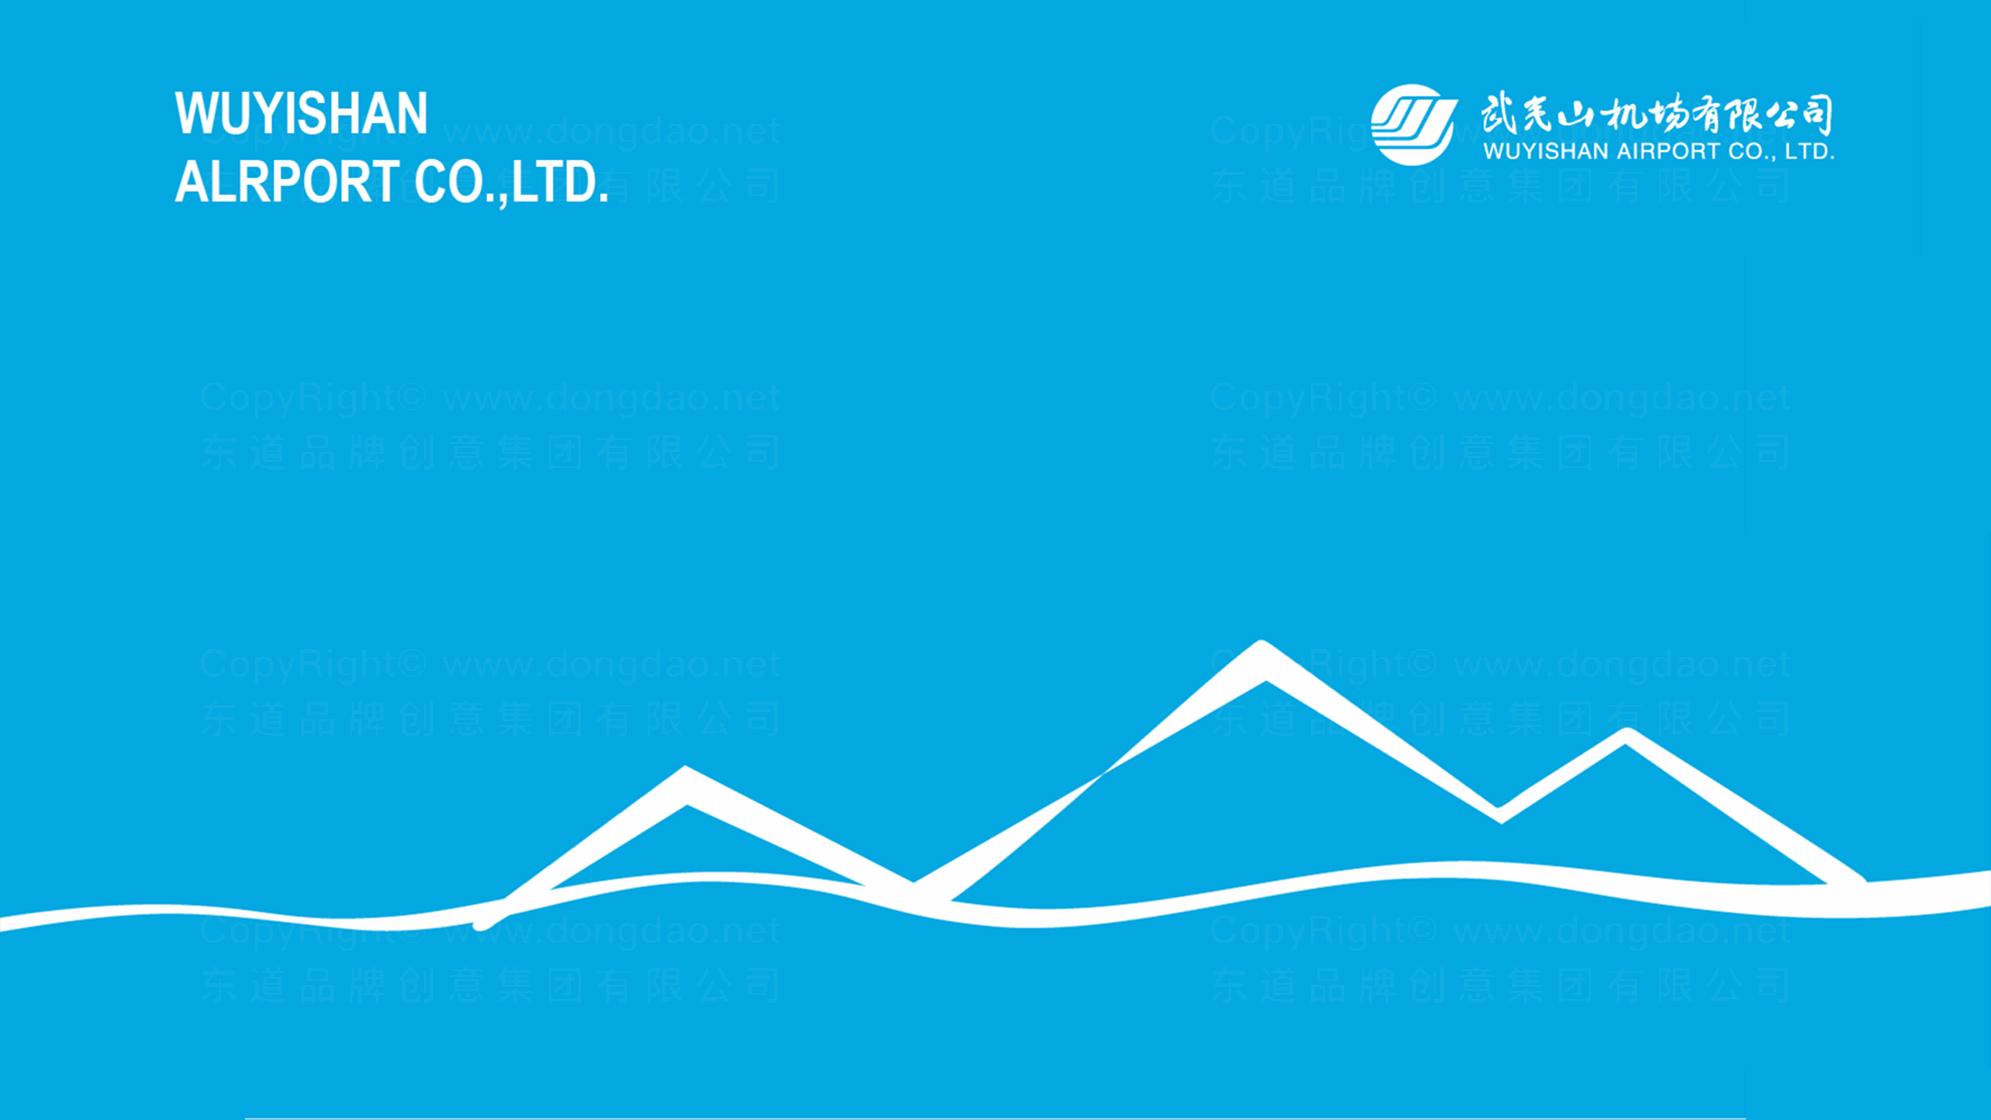 品牌设计翔业集团标志设计应用场景_8